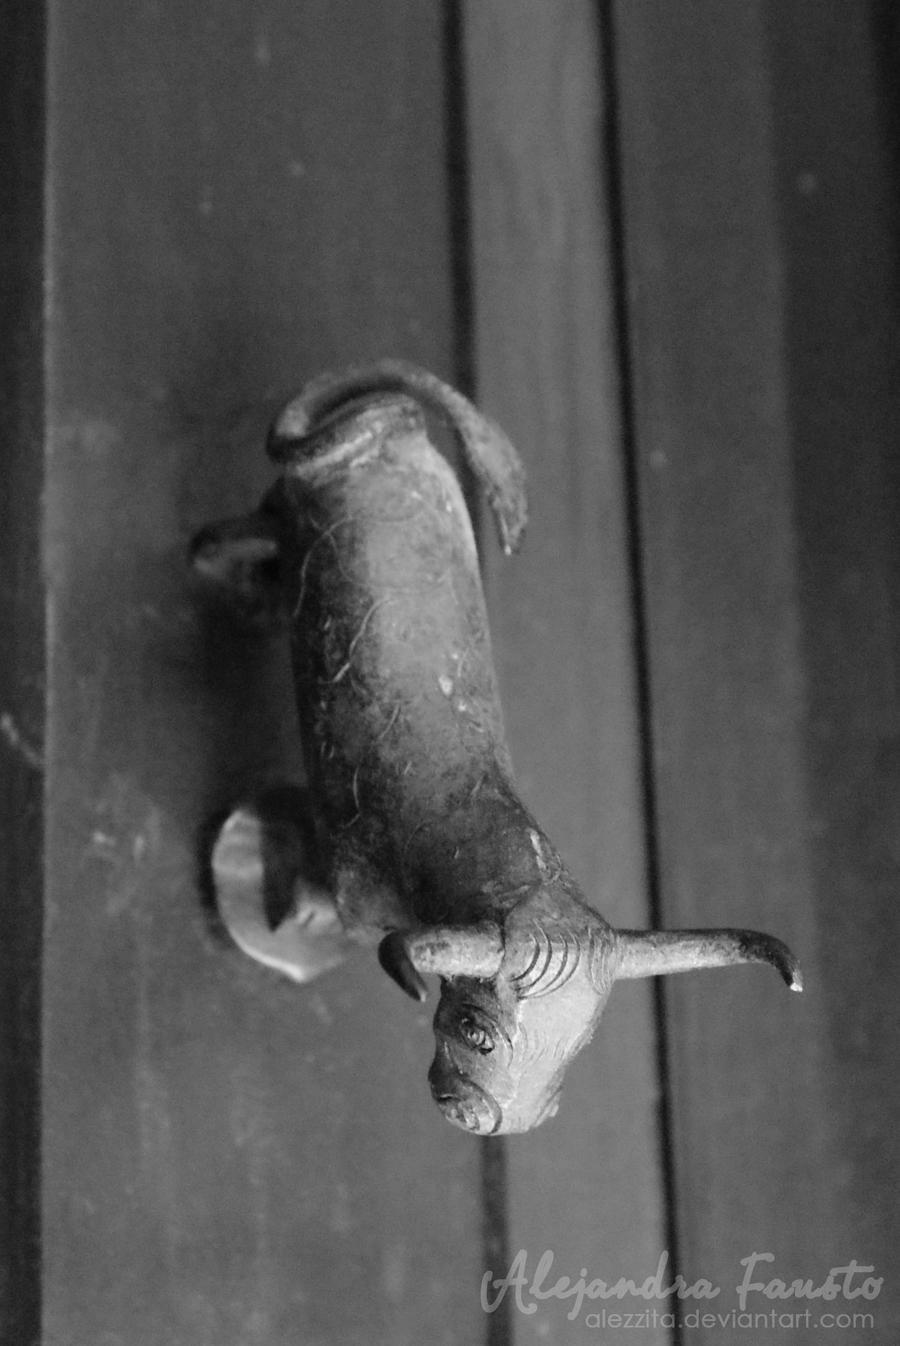 Doorknob by alezzita